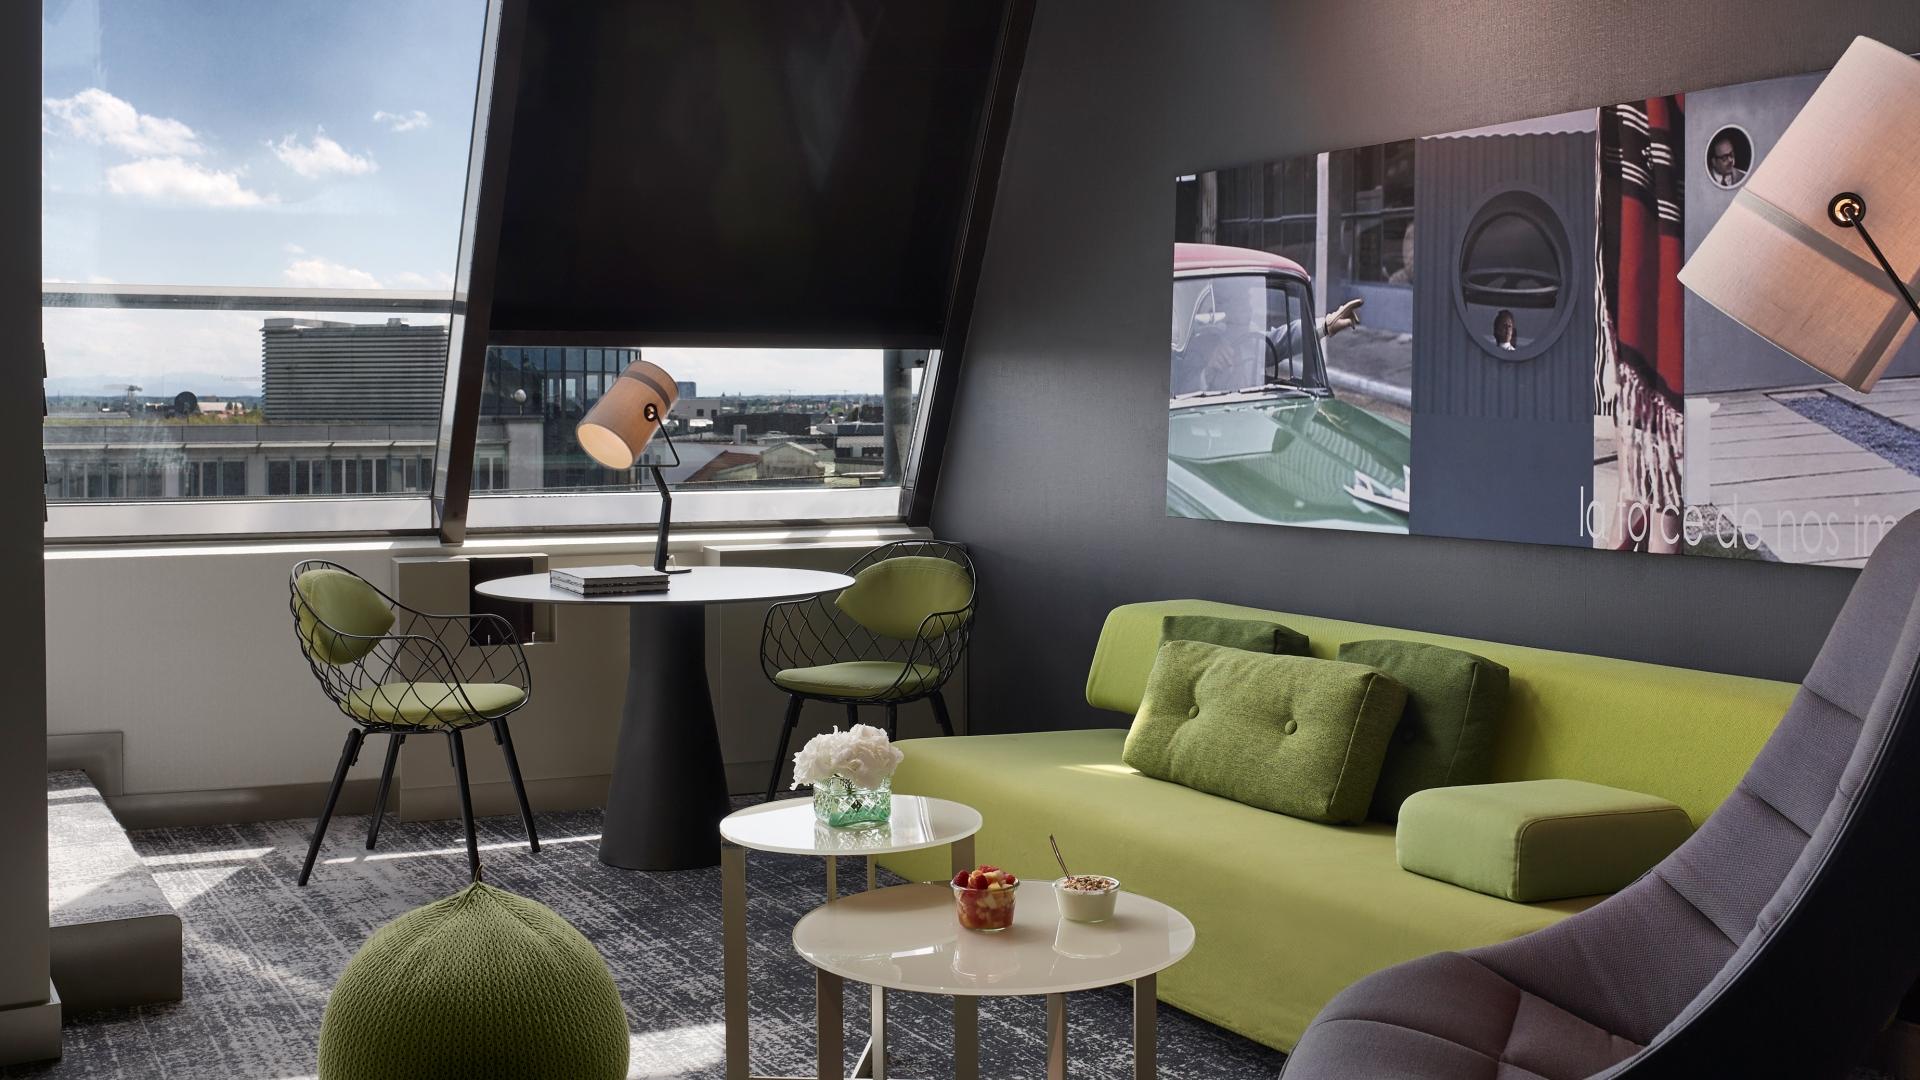 duplex junior suite sofitel munich bayerpost 5 sterne hotel. Black Bedroom Furniture Sets. Home Design Ideas